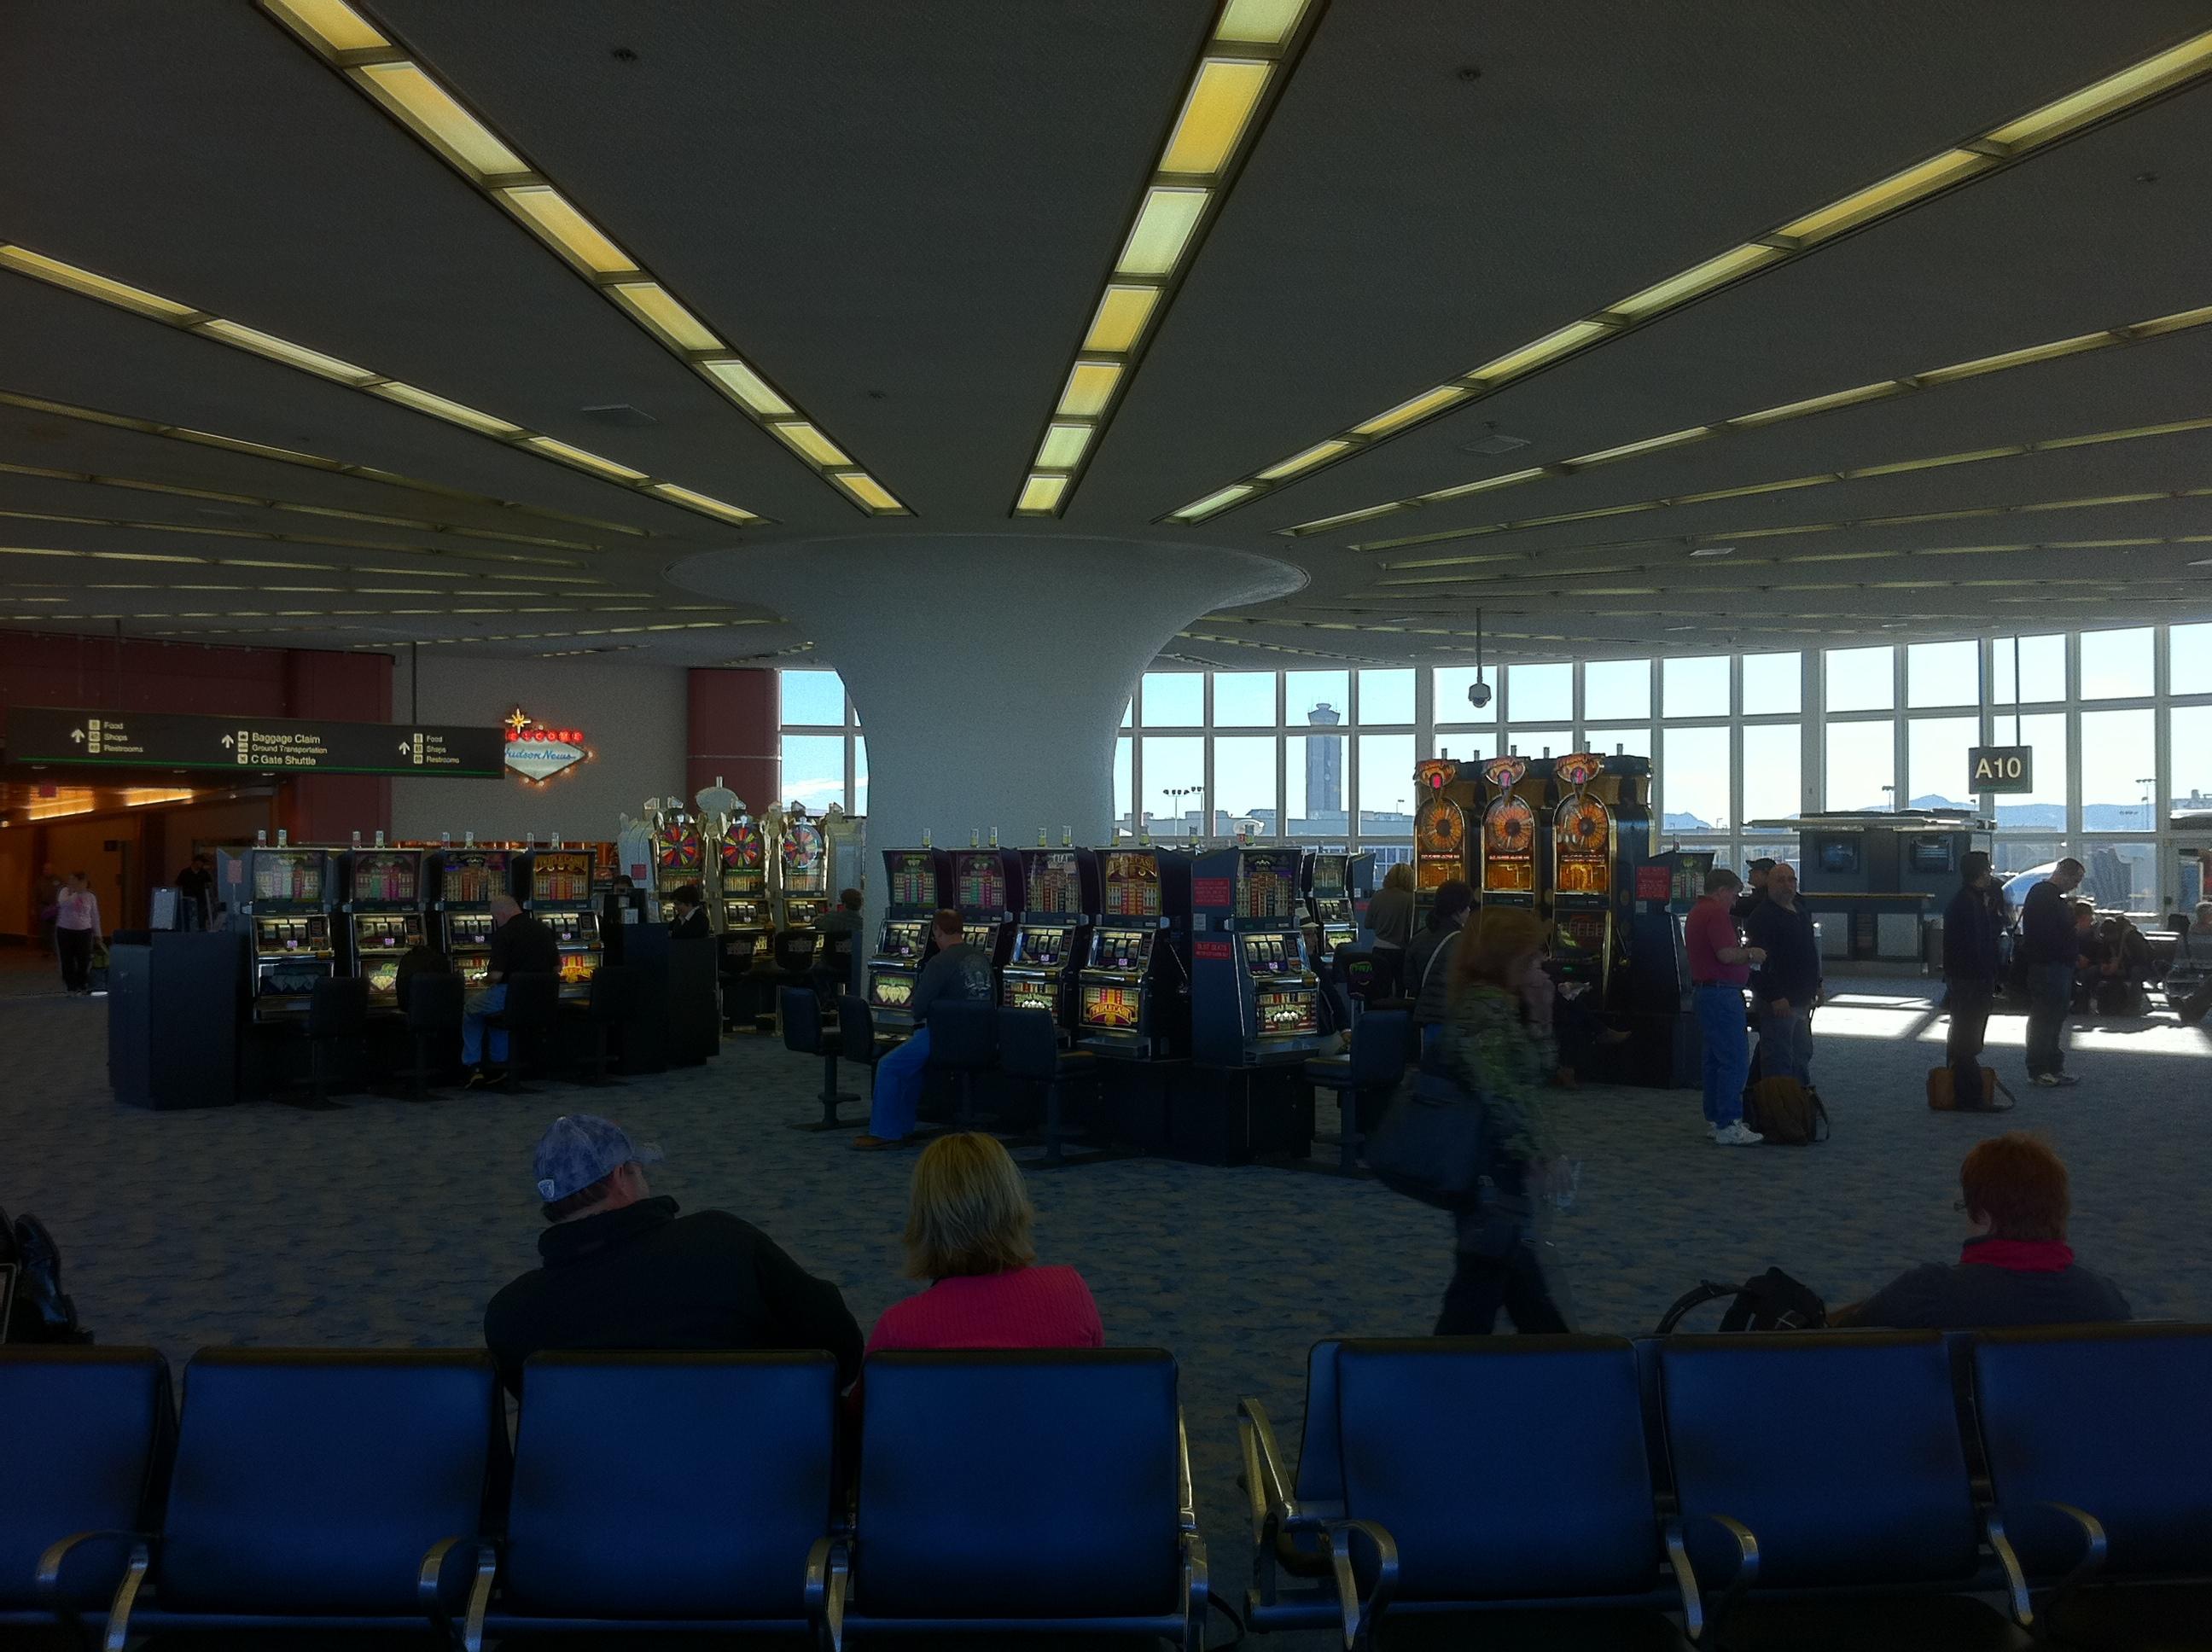 Sala de embarque del aeropuerto de Las Vegas. Si, lo de en medio son máquinas tragaperras.